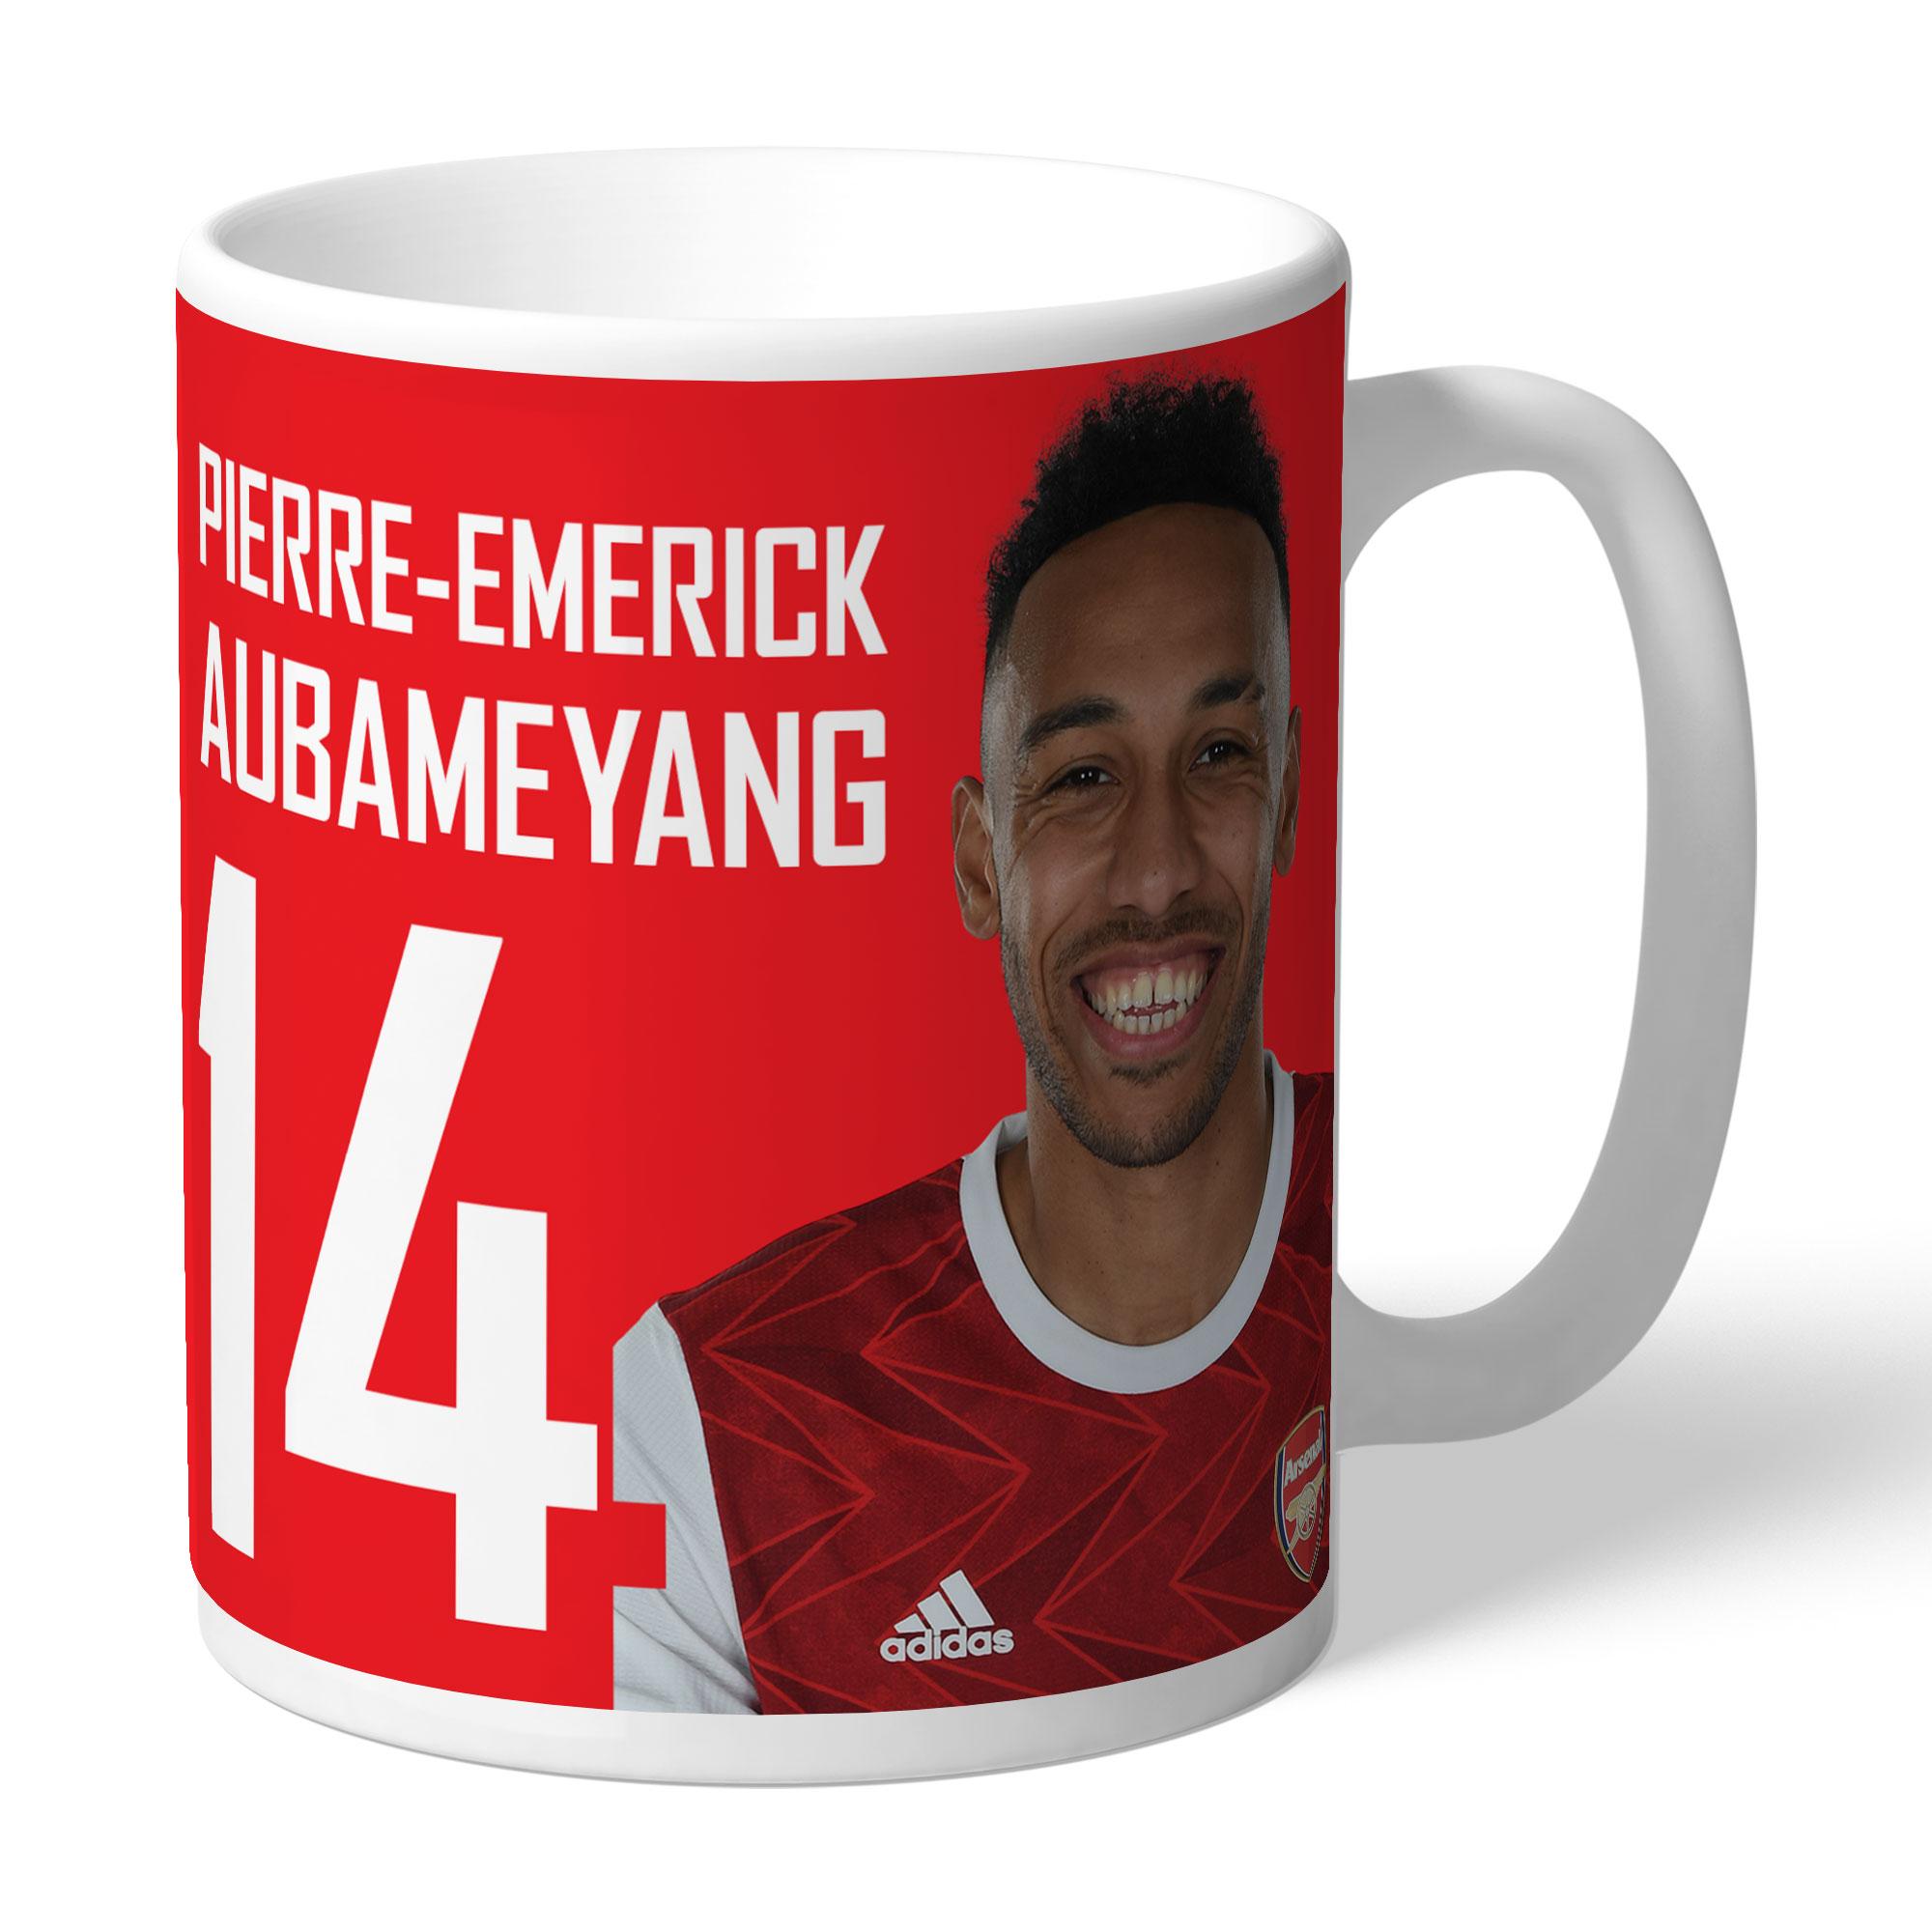 Arsenal FC Aubameyang Autograph Mug